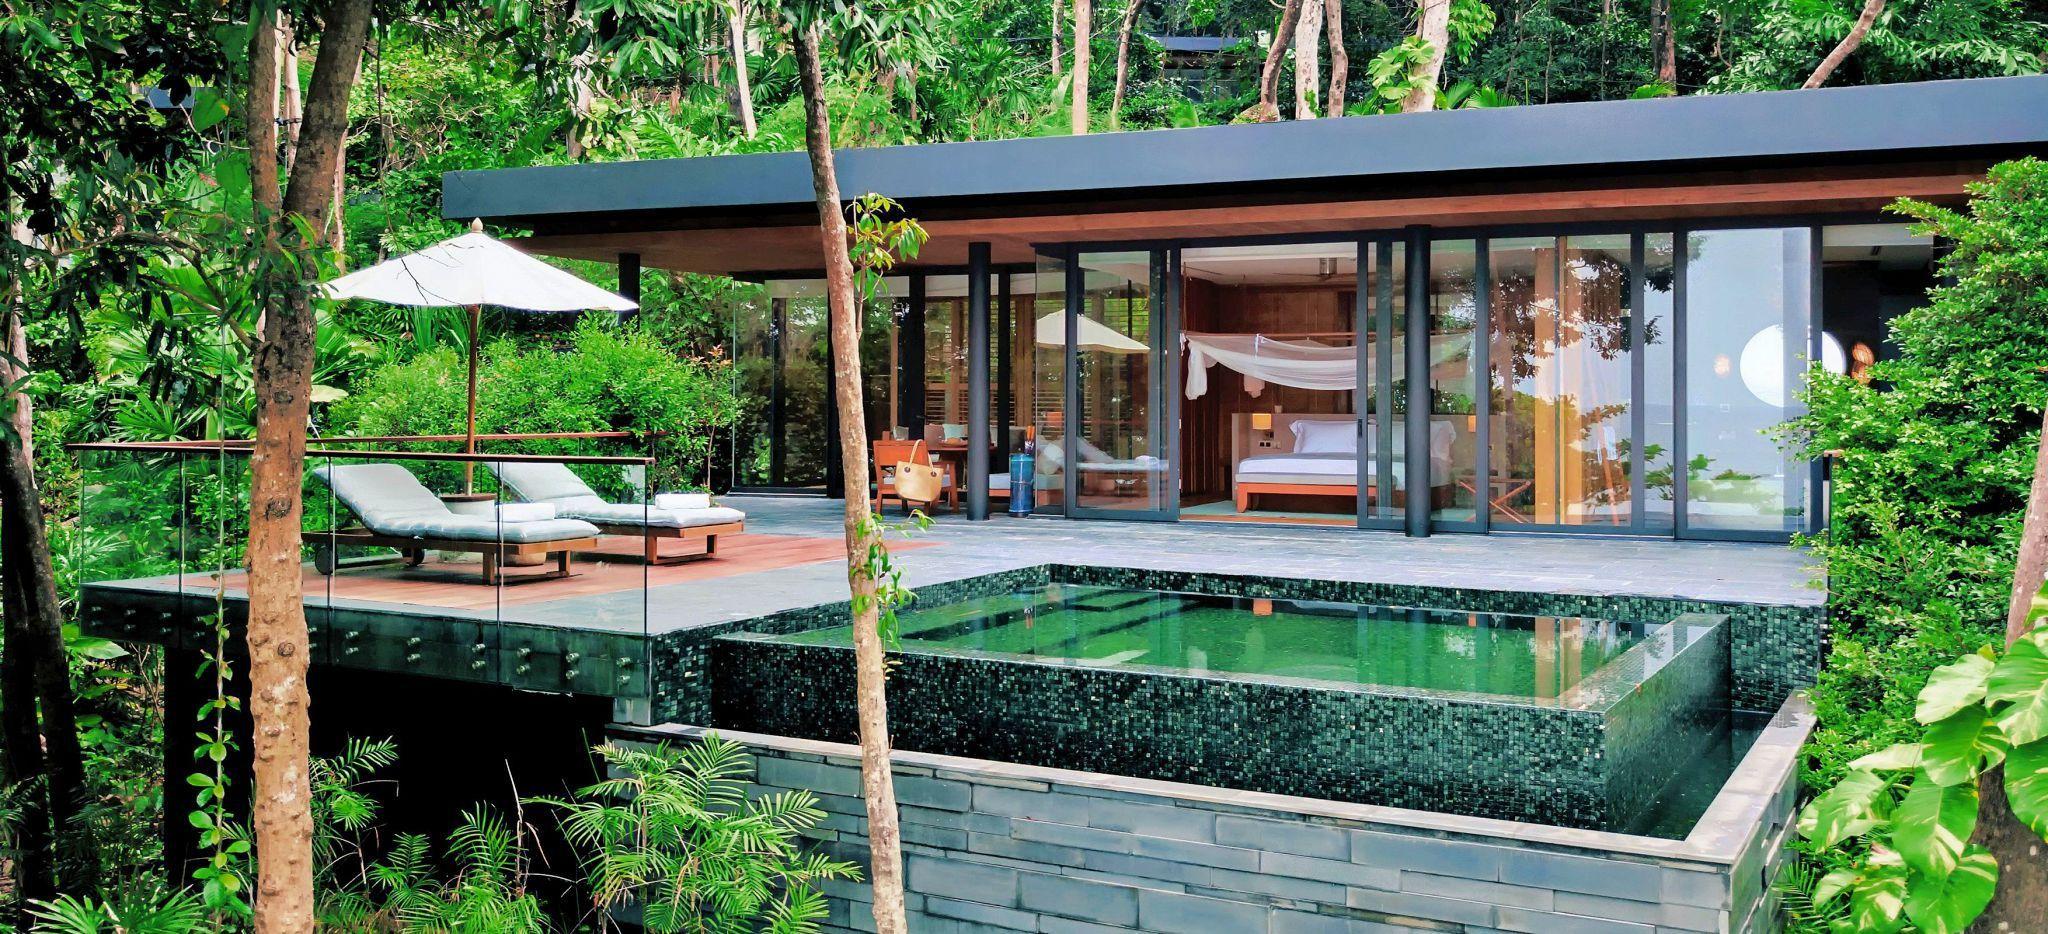 Blick auf ein modern und kantig gestaltetes Hotelzimmer mit Pool und Sonnenterrasse umringt von Dschungel, Hotelzimmer Ocean Pool Villa Suite im Hotel Six Senses Krabey Island